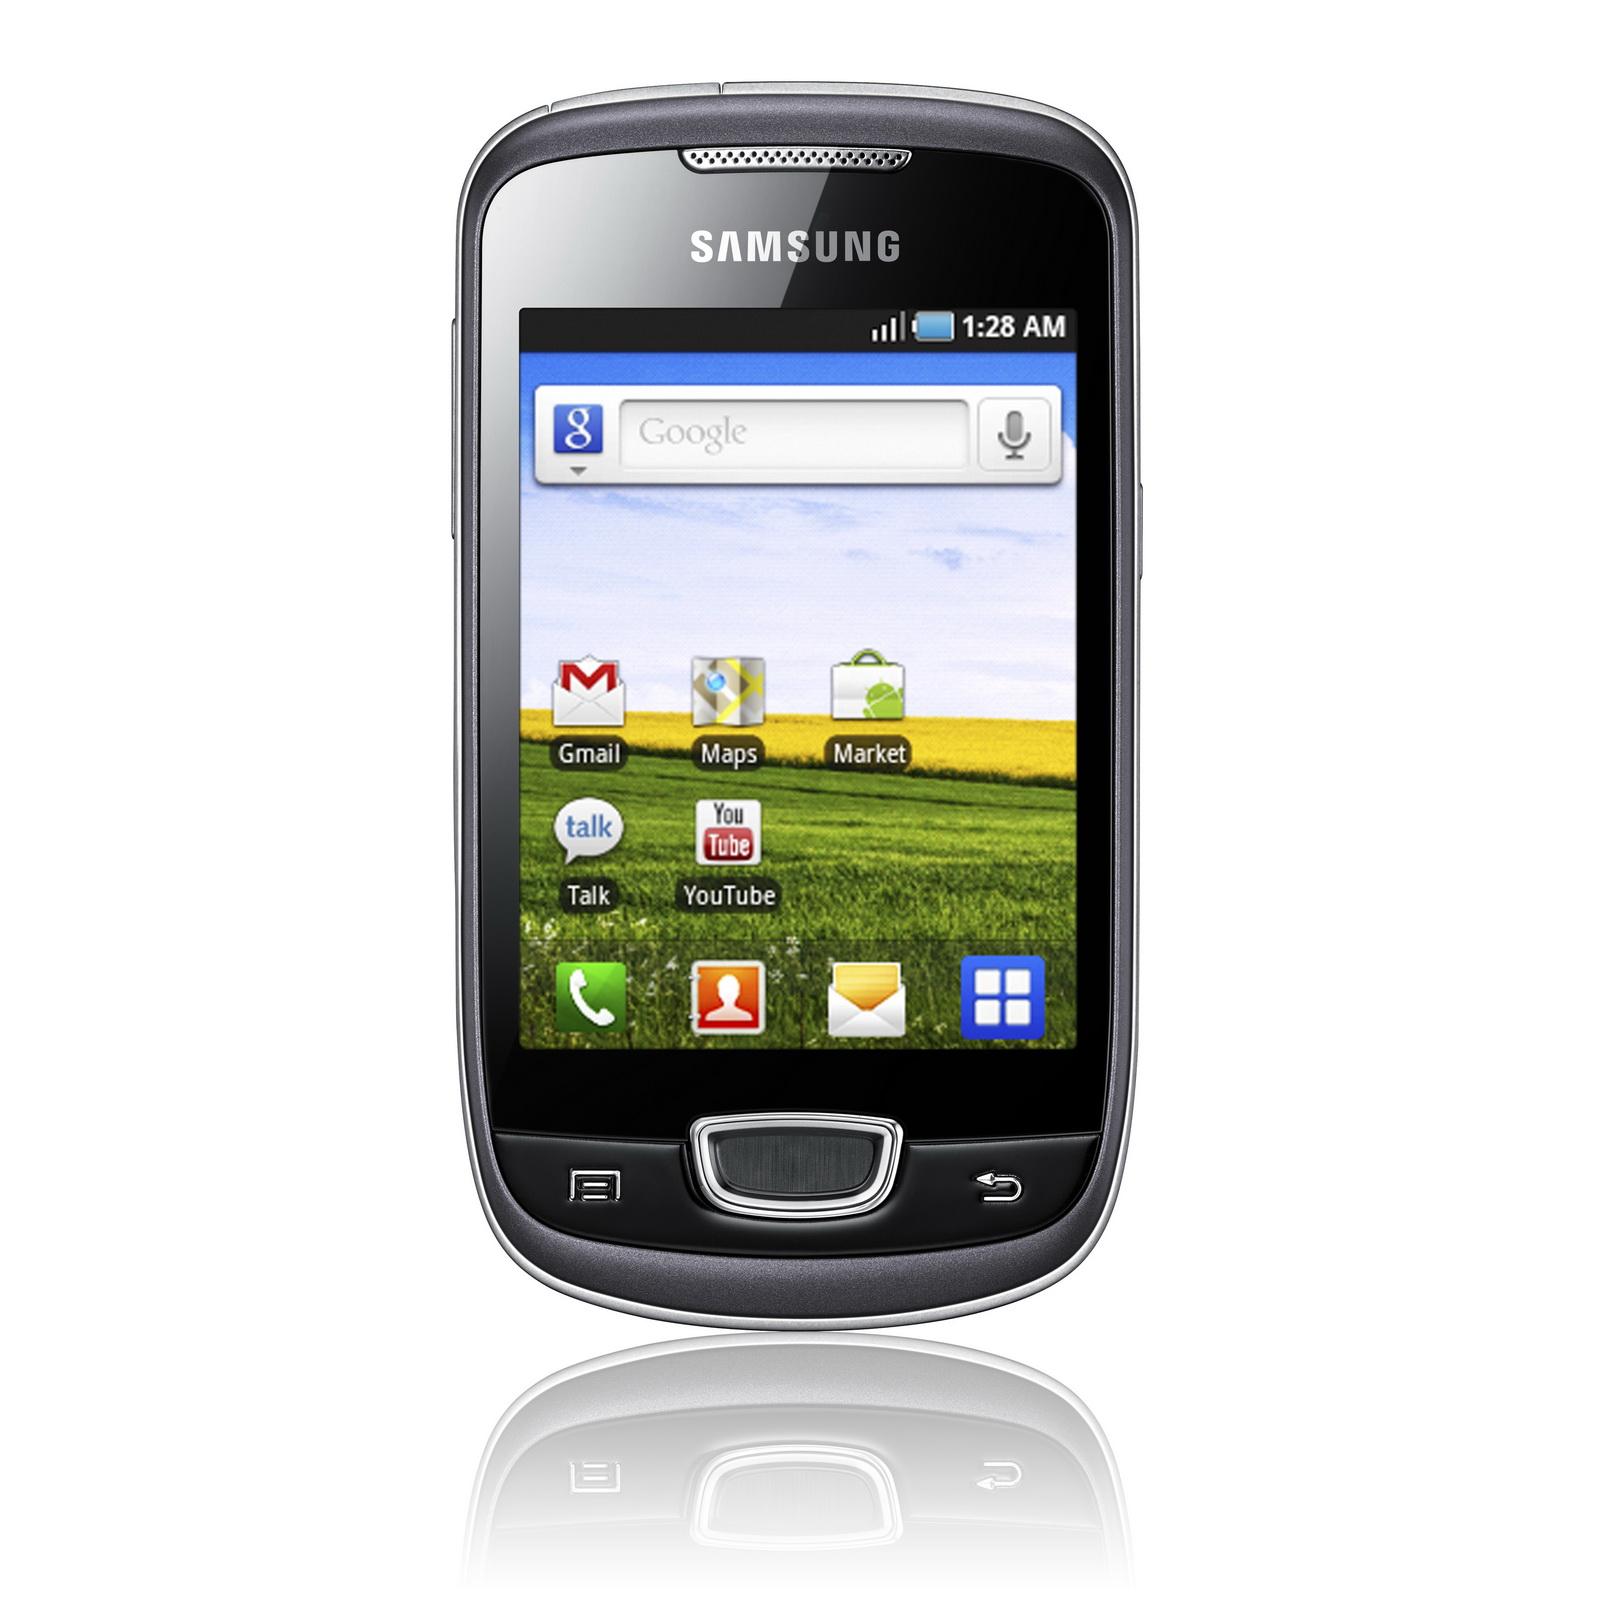 Samsung Galaxy mini 2 - bud�etowy smartphone z Android 2.3 w przygotowaniu